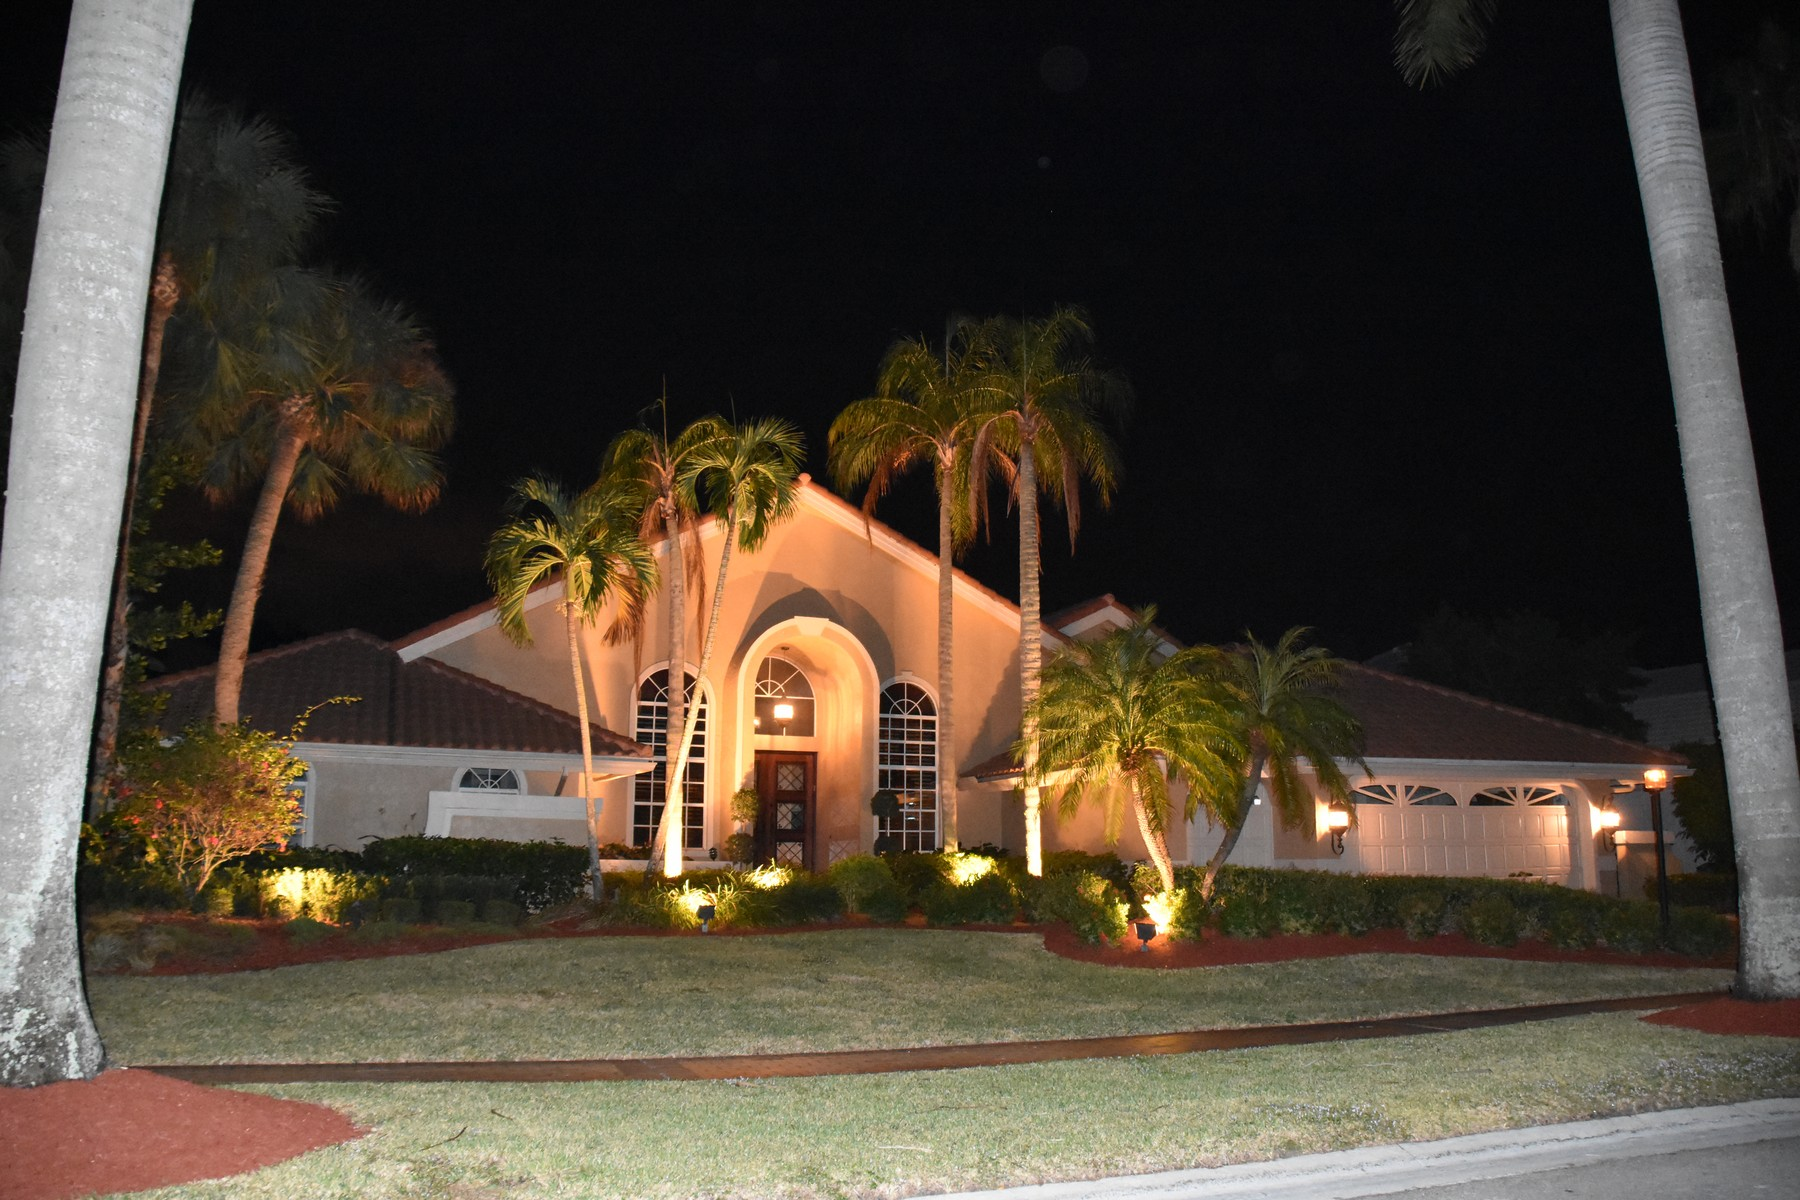 独户住宅 为 销售 在 17605 Scarsdale Way , Boca Raton, FL 33496 17605 Scarsdale Way 博卡拉顿, 佛罗里达州, 33496 美国